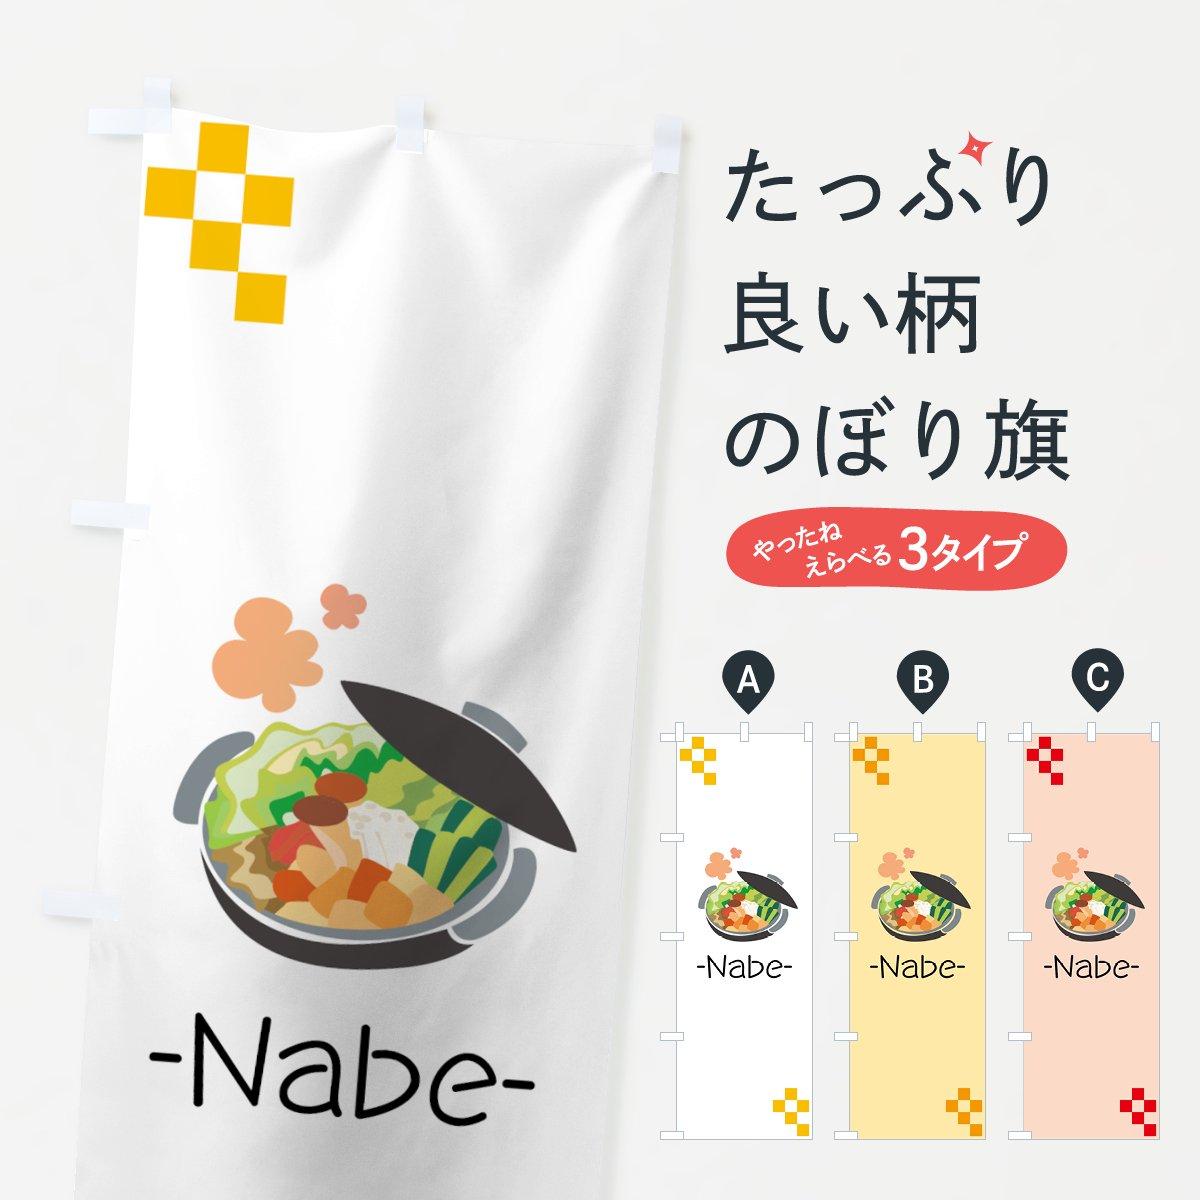 鍋のぼり旗【NABE MENU】[鍋*][鍋・鉄板焼き]